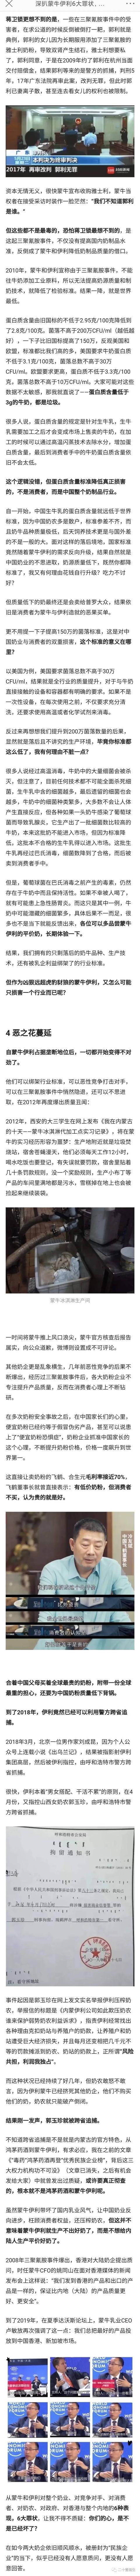 中国人以后还敢喝蒙牛伊利吗?